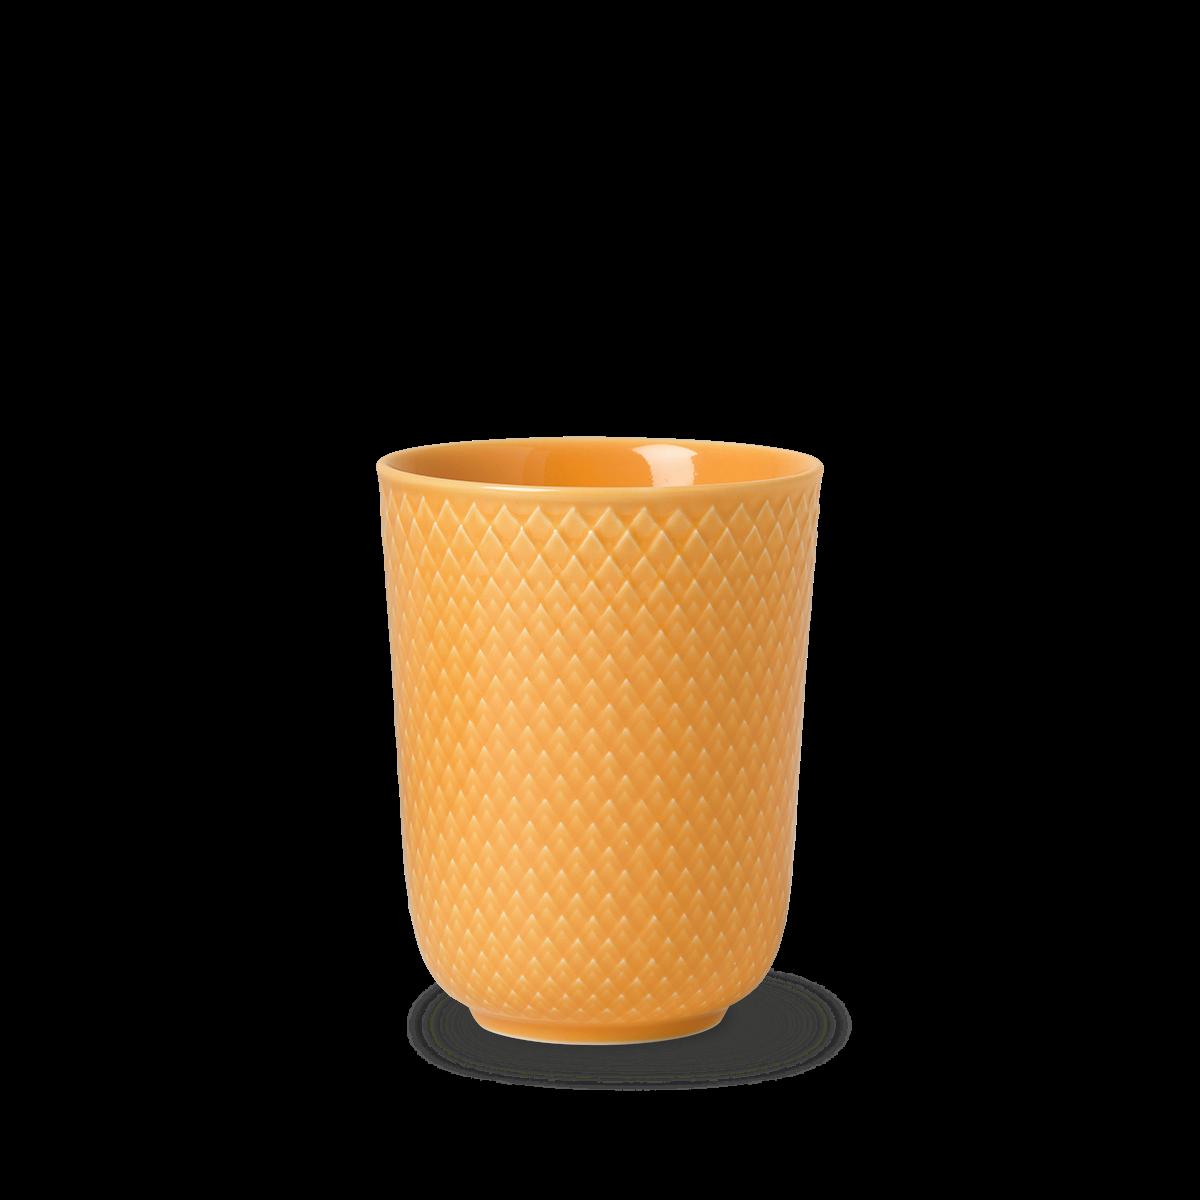 Lyngby Porcelæn - Rhombe Mug 33 cl - Yellow (201965)